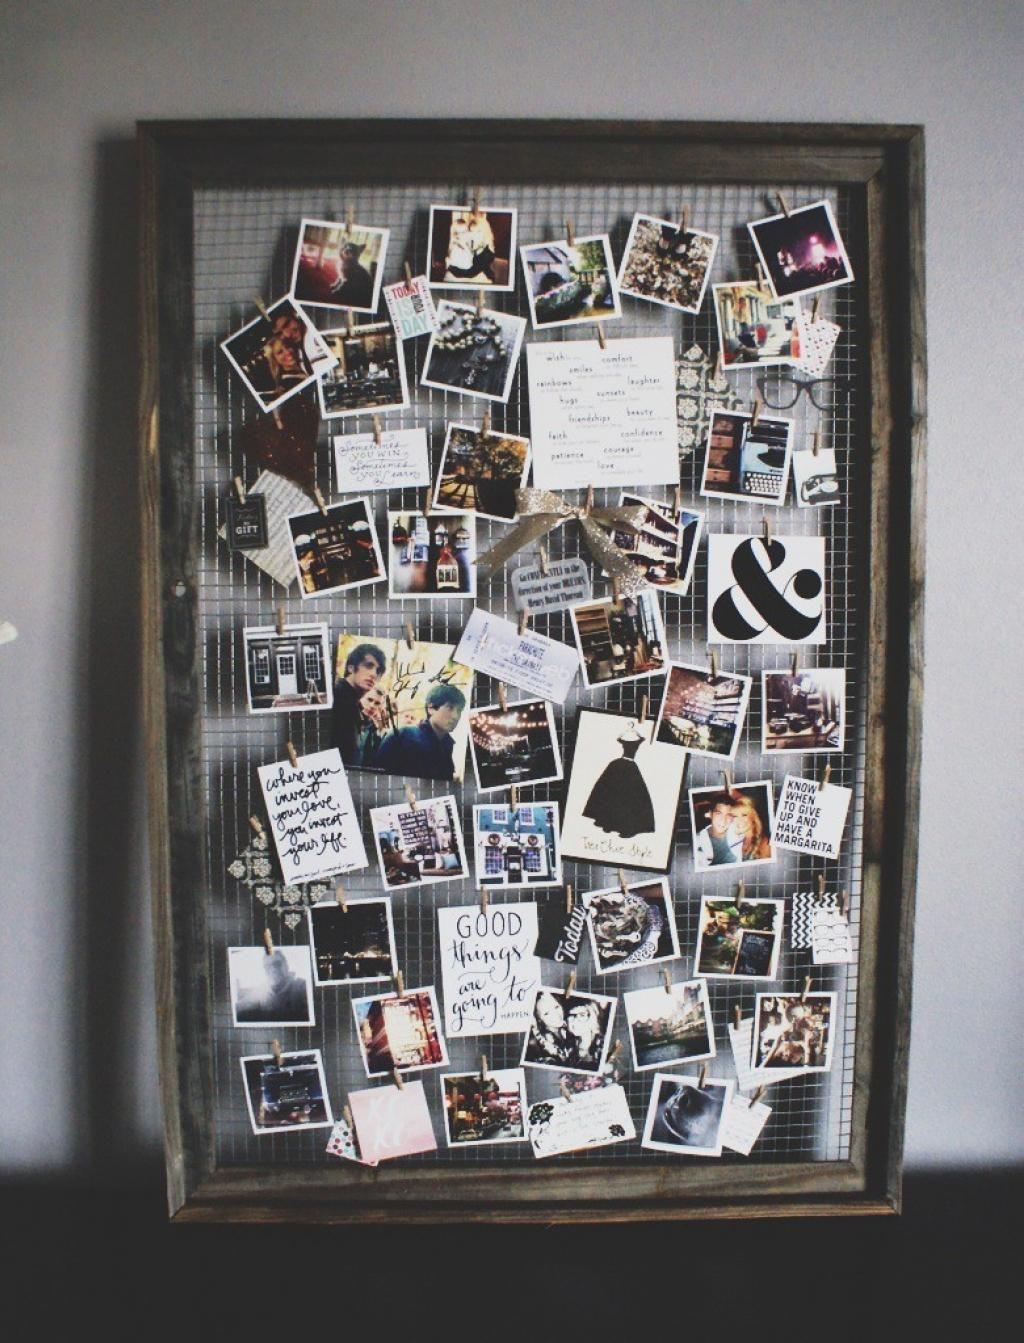 Récupérer un vieux cadre pour exposer vos plus belles photos! 12 ...